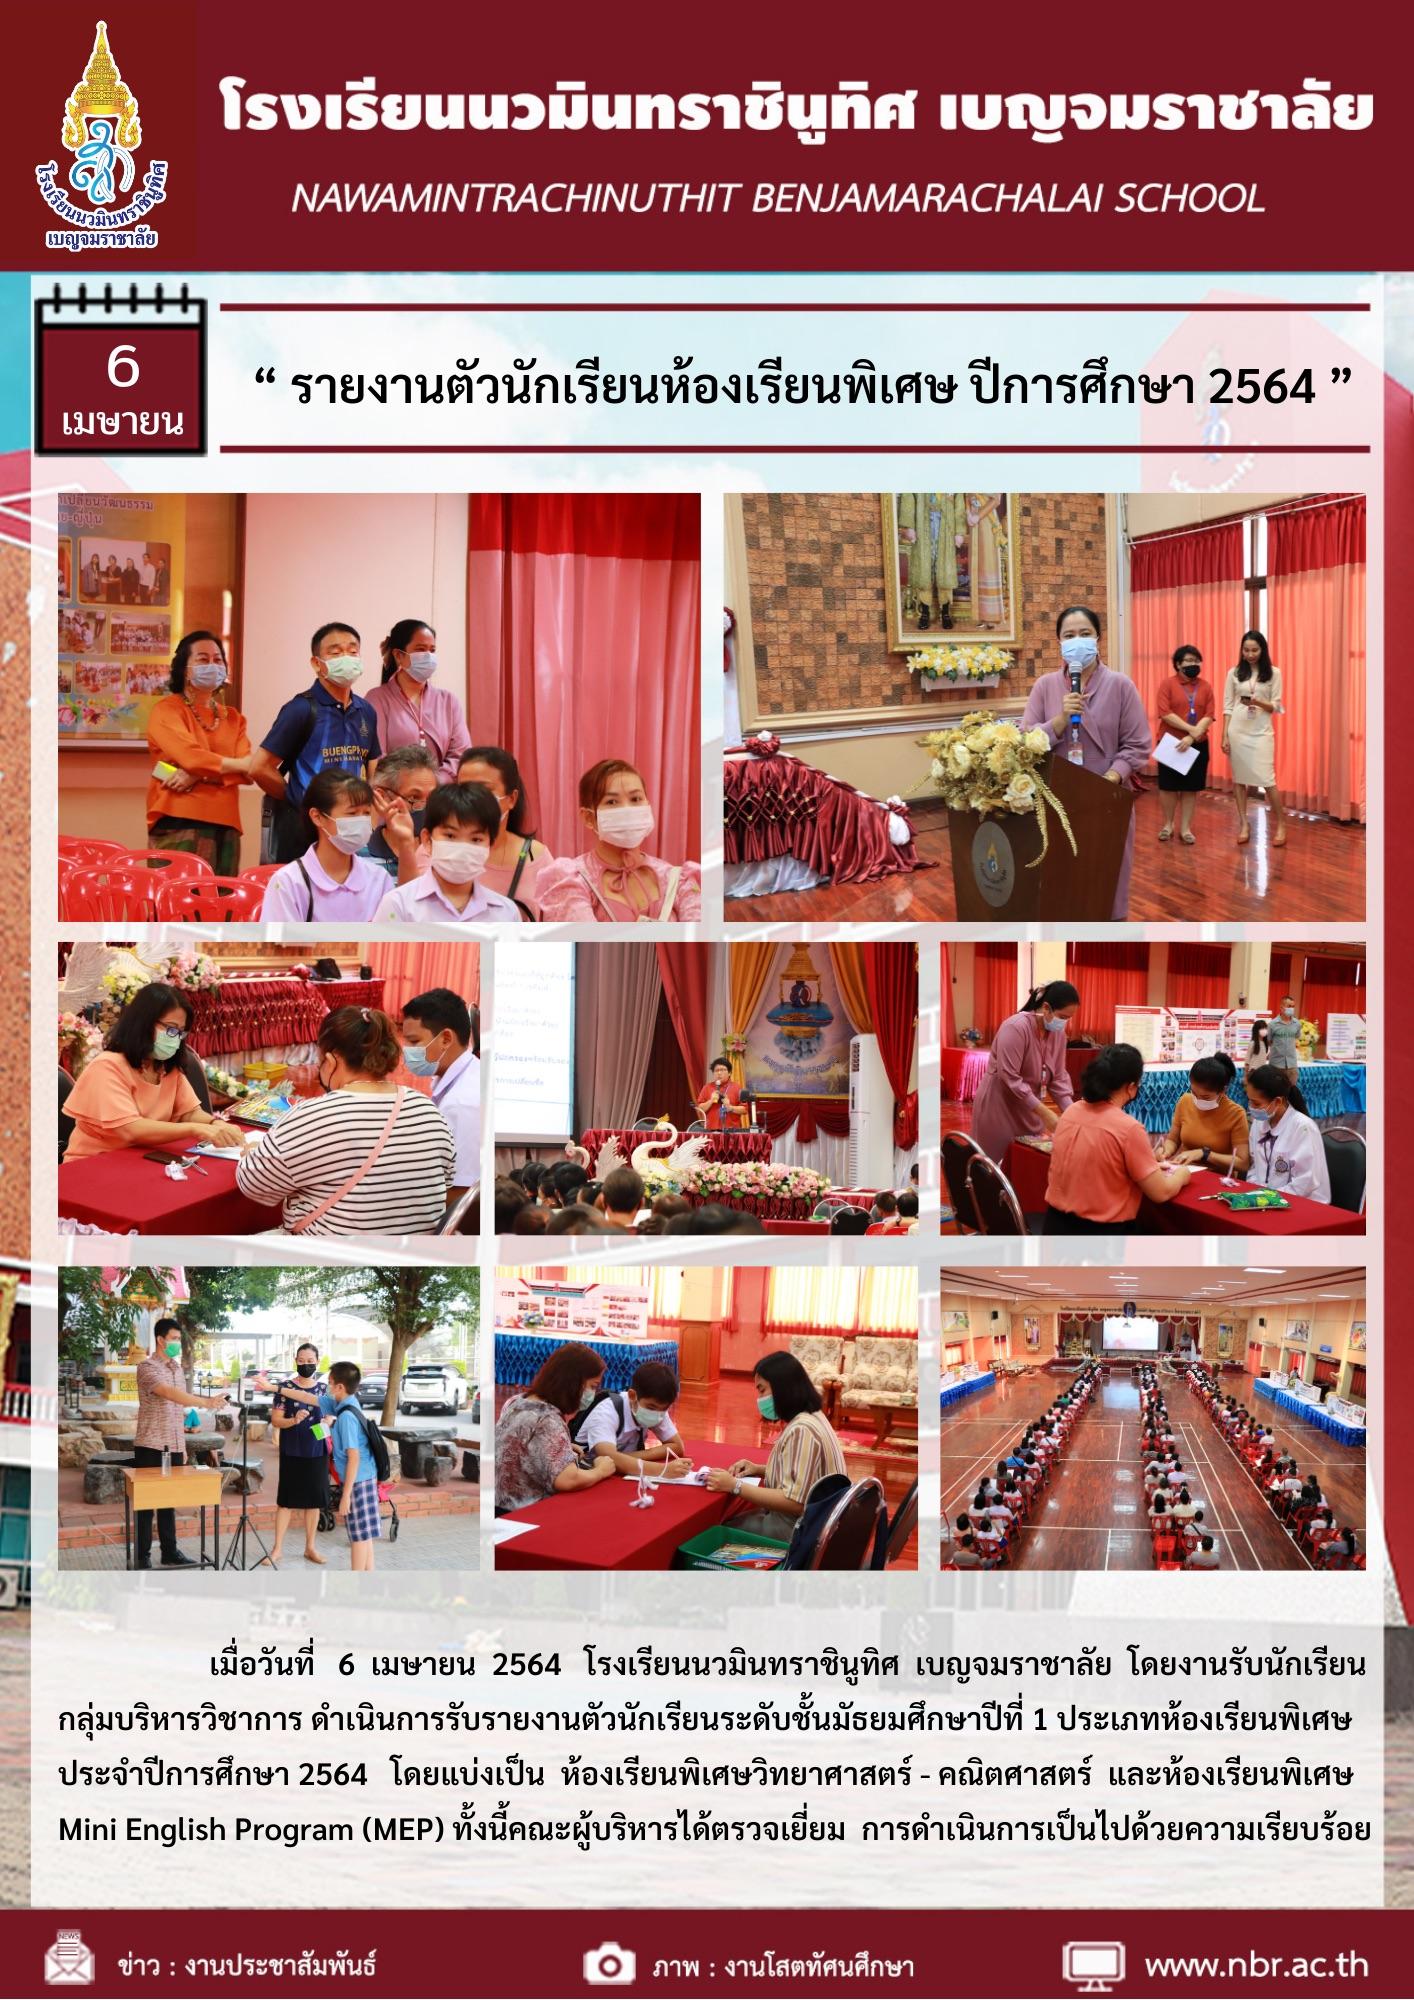 รายงานตัวนักเรียนห้องเรียนพิเศษ2564